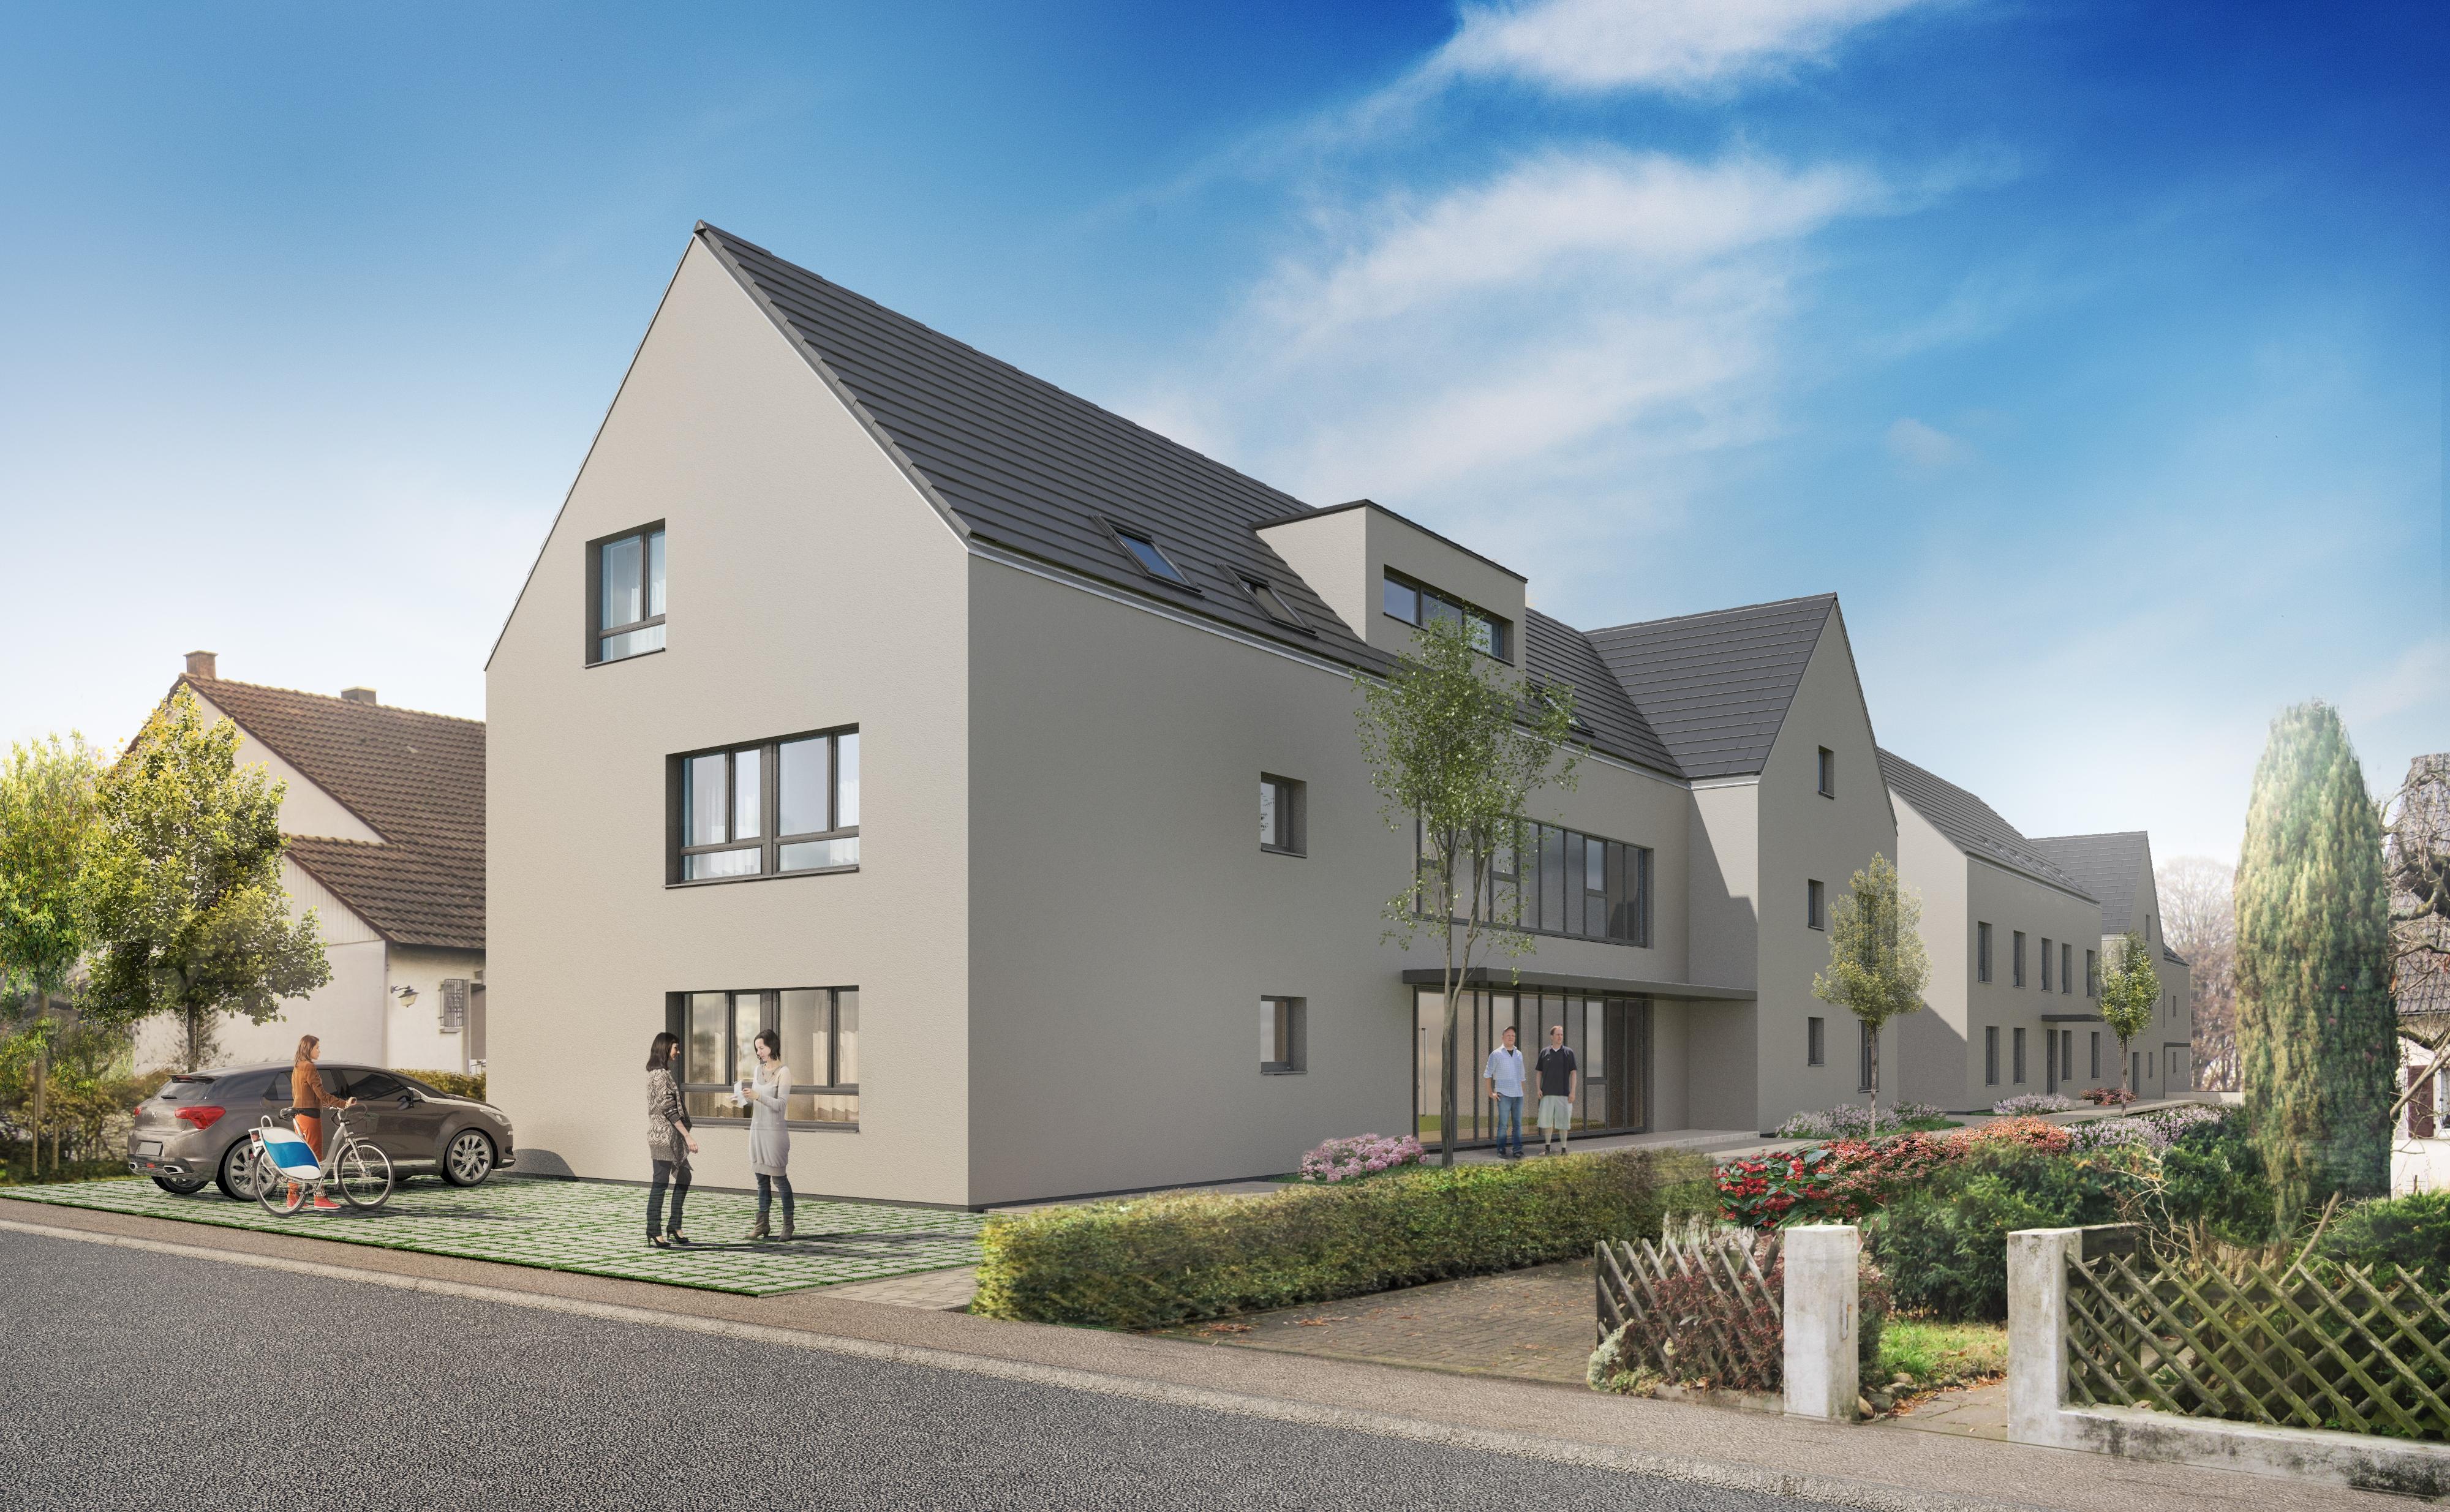 sachsenheim 8 eigentumswohnungen im 1 bauabschnitt sch ner wohnen immobilien ludwigsburg. Black Bedroom Furniture Sets. Home Design Ideas